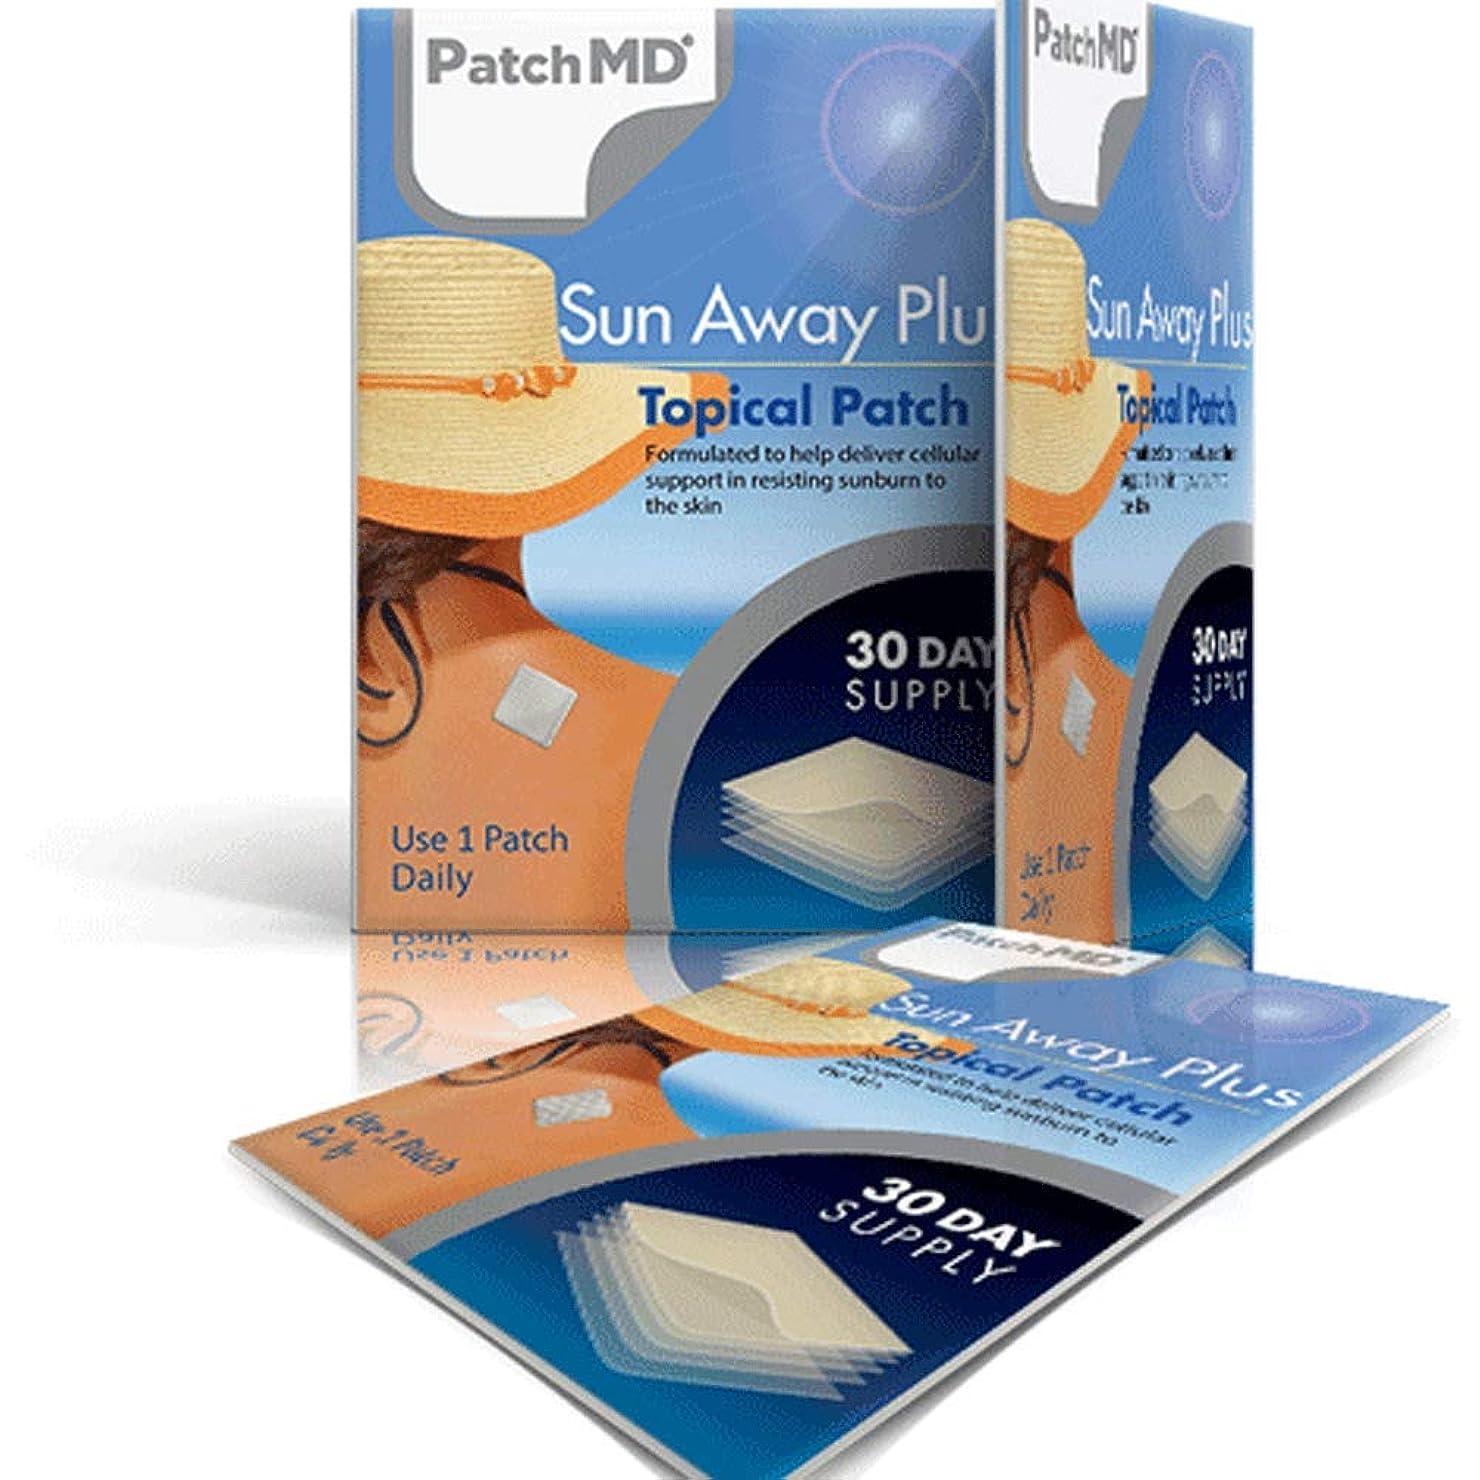 ヒゲクジラ劇場故意にパッチMD サンアウェイプラス 30パッチ 1袋 Sun Away Plus Topical Patch